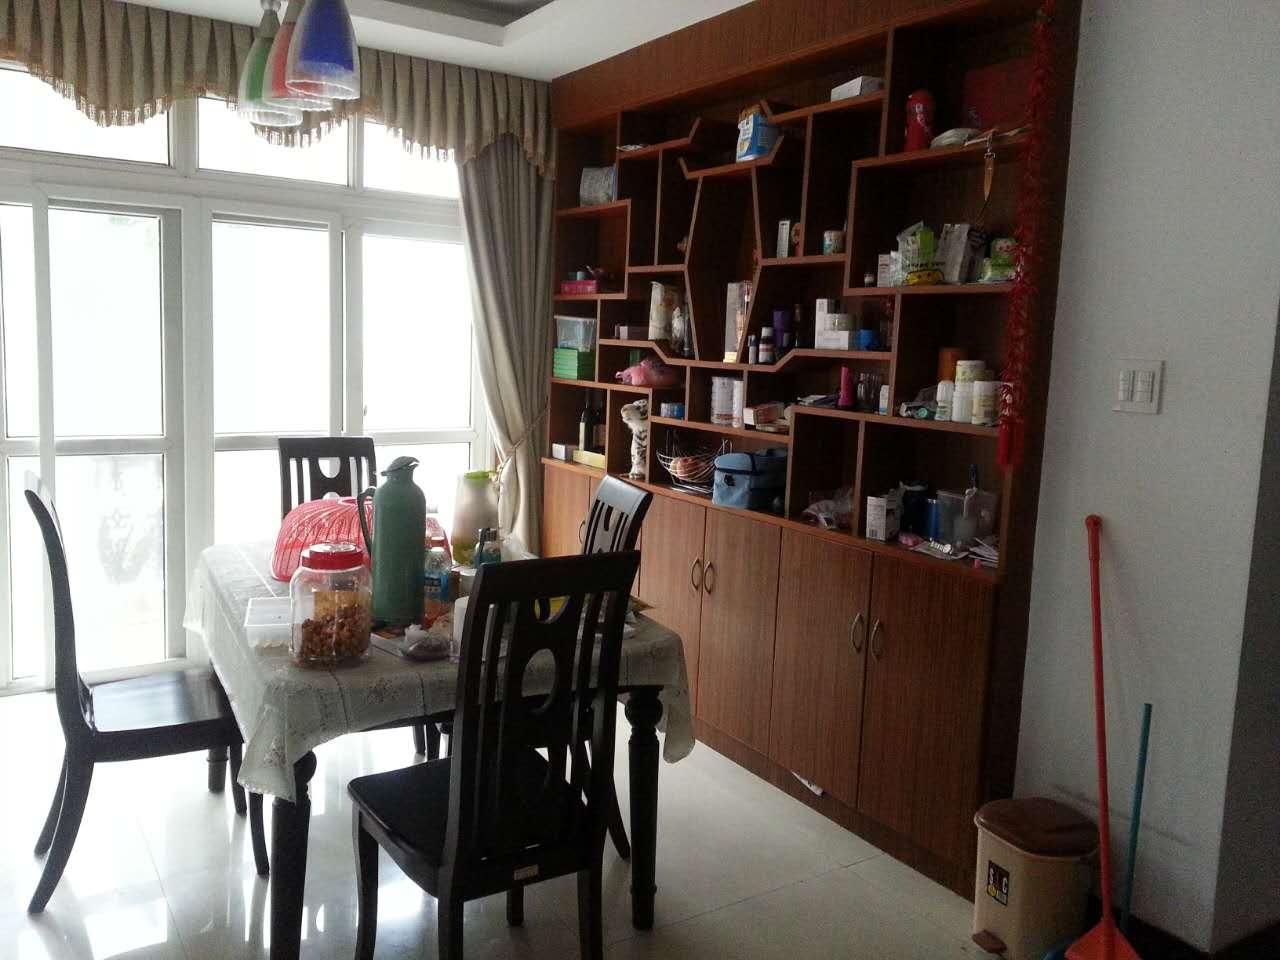 丹溪四区 精装品质自住房 3室2厅153平米 拎包入住